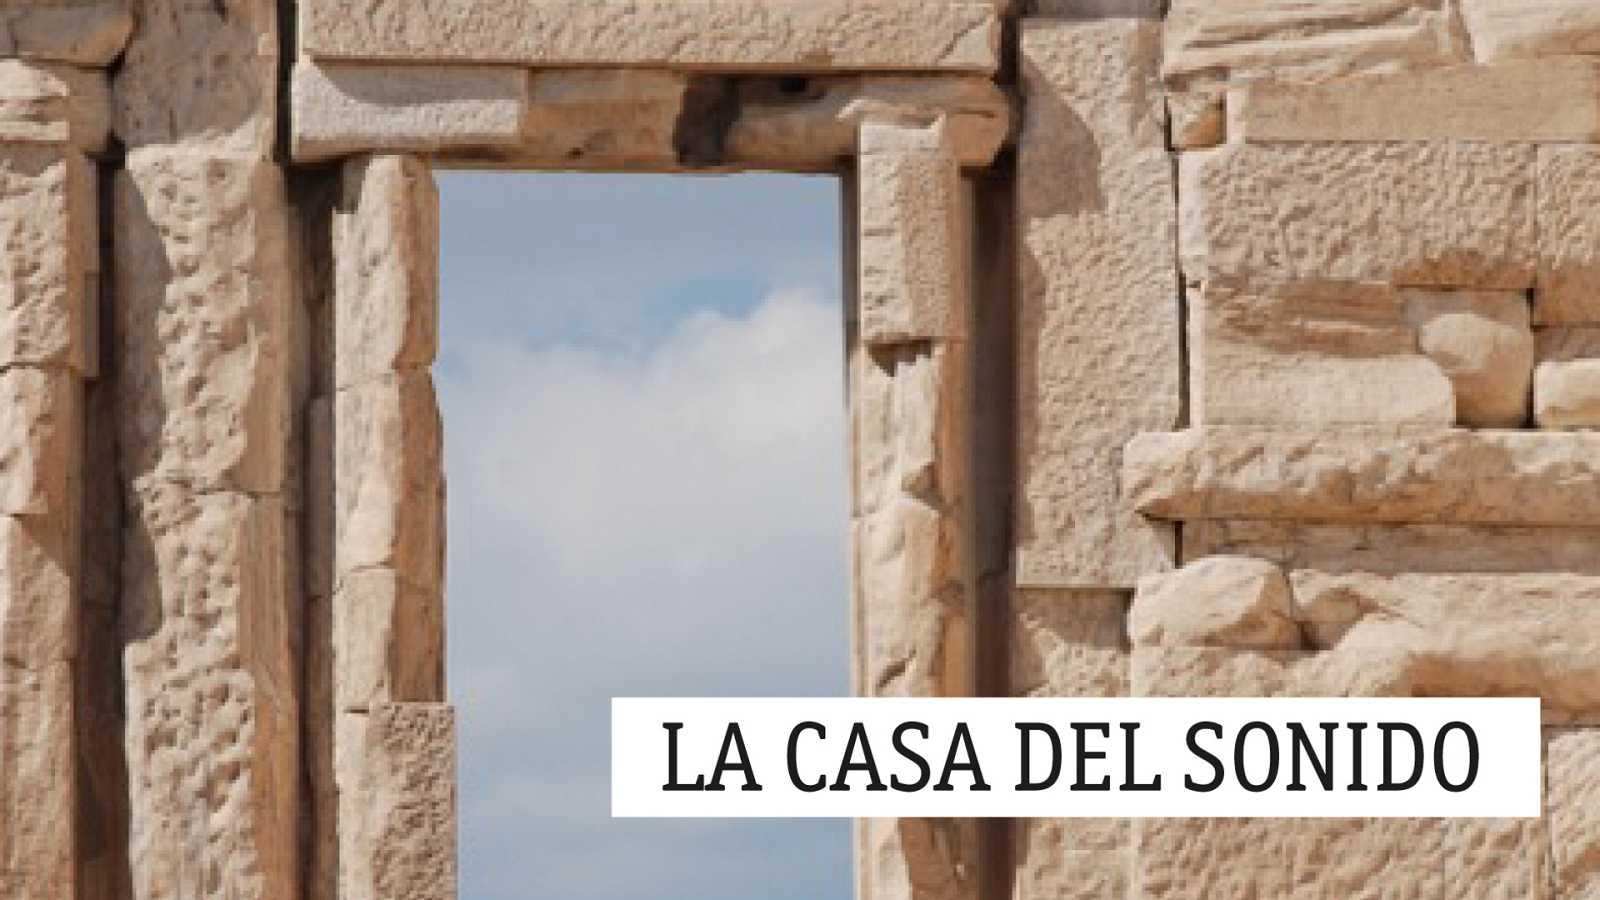 La casa del sonido - Paseo sonoro por el espacio con Enrique Pérez Montero - 20/04/21 - escuchar ahora